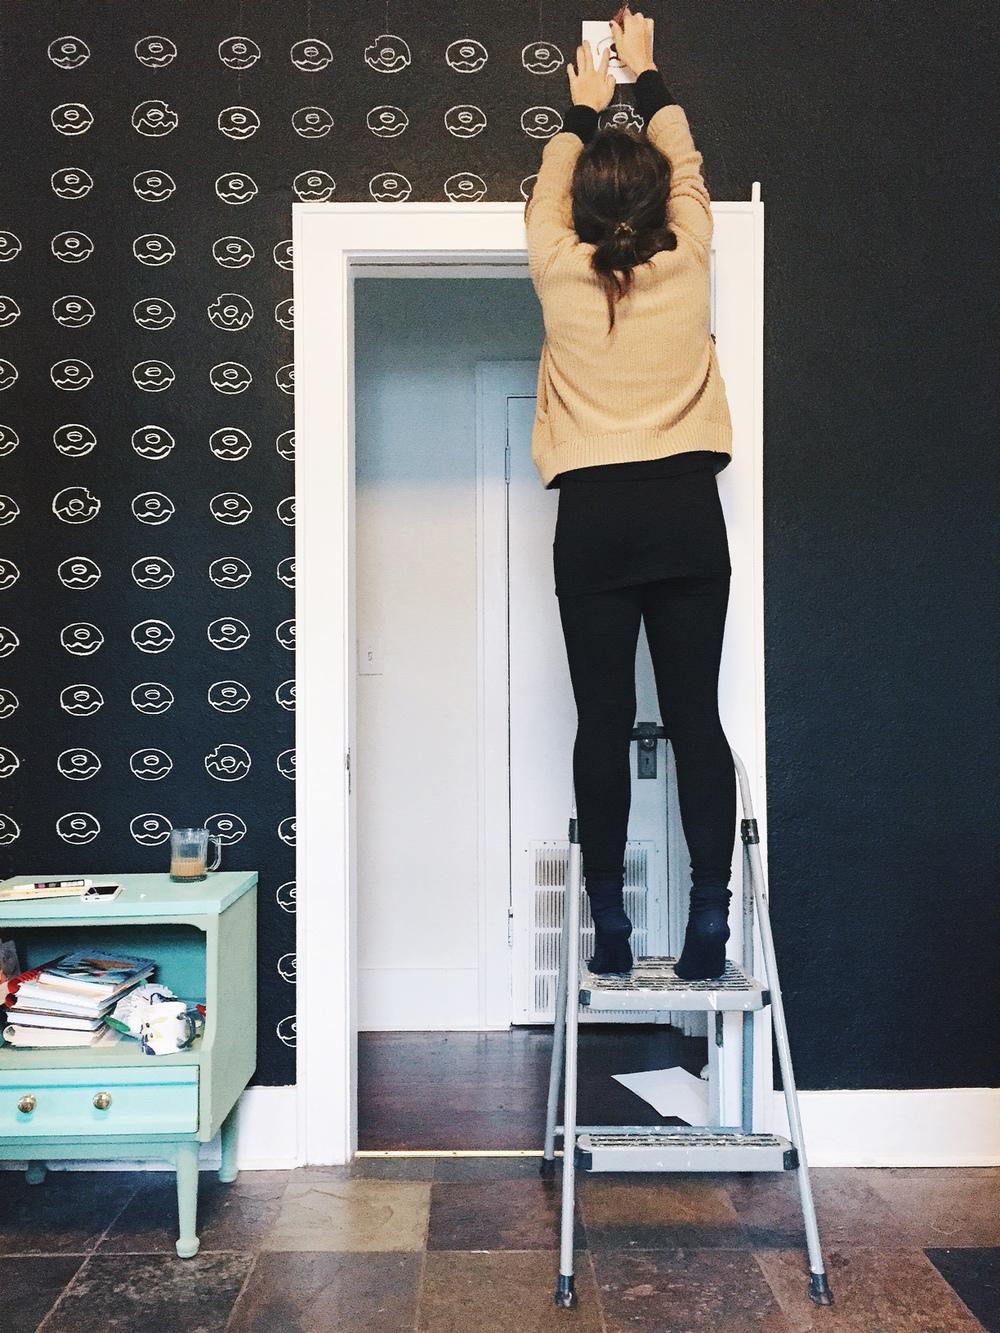 DIY Donut Wall Stencils